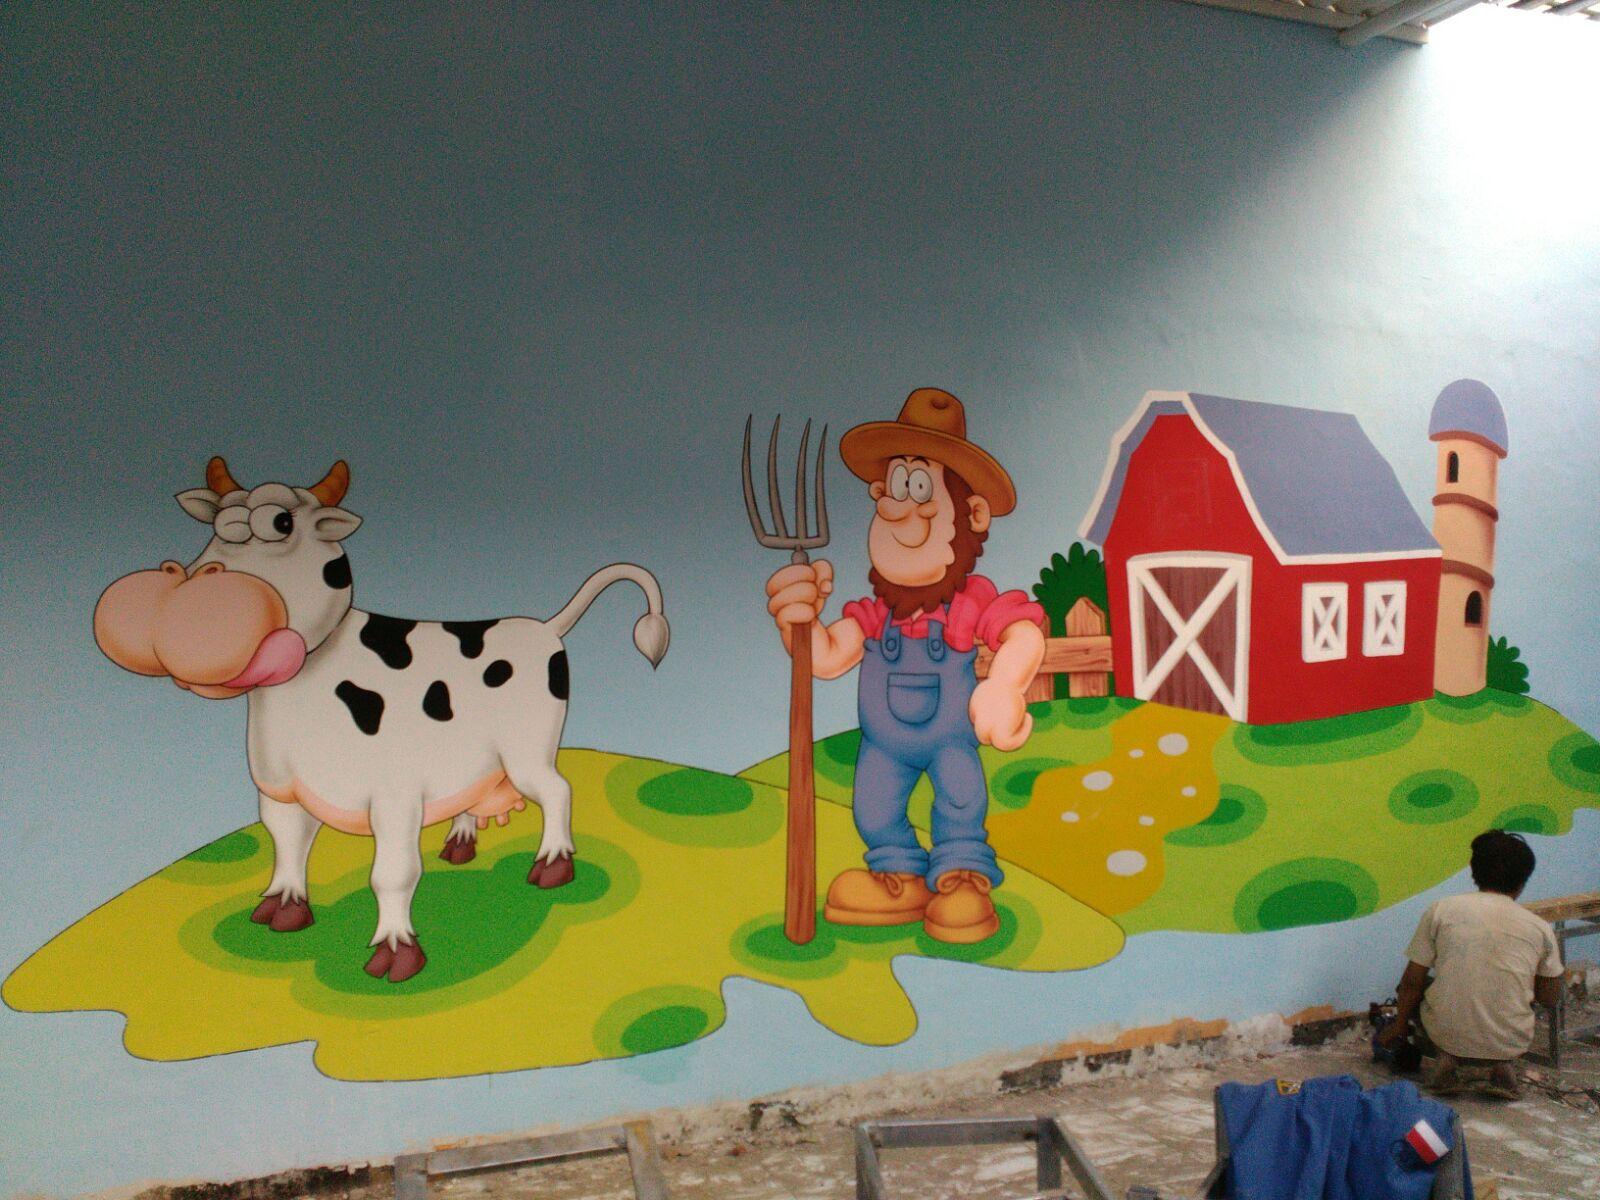 Desain Lukisan Mural Di Dinding Sekolah Seperti Nyata